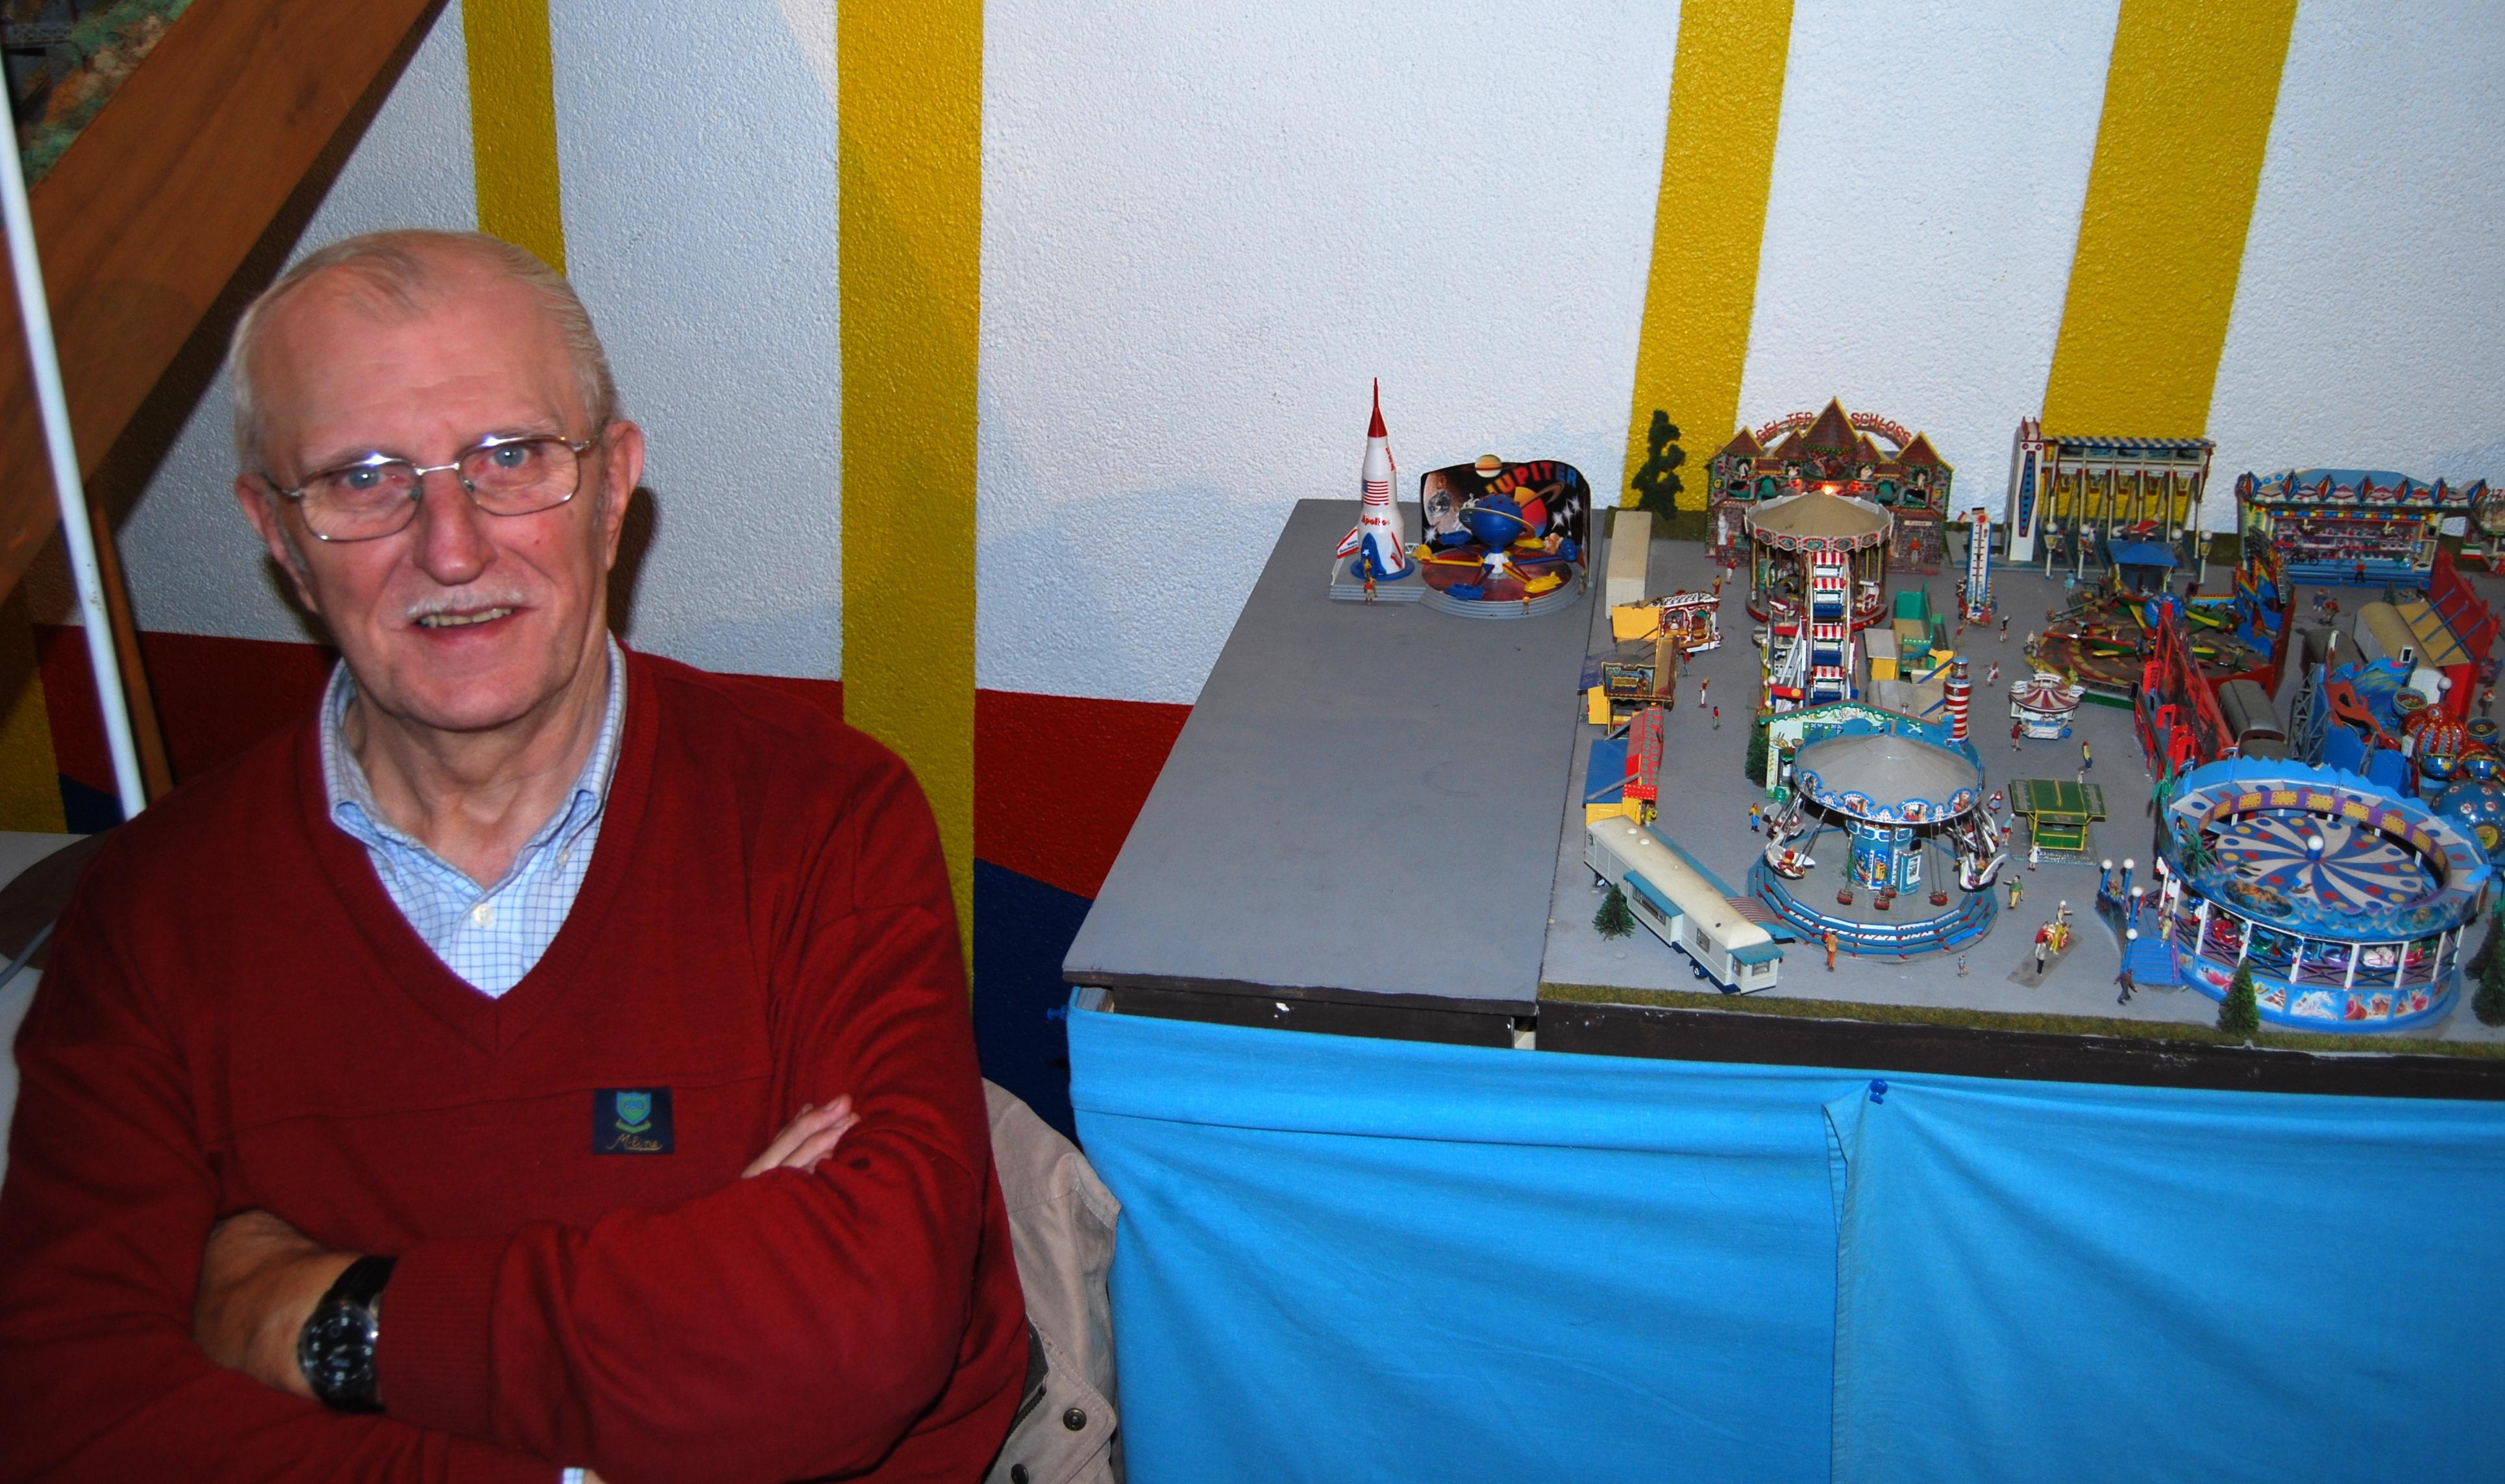 Berthold-Kirmes- Lahnsteiner Modellbahntage 22-11-2009